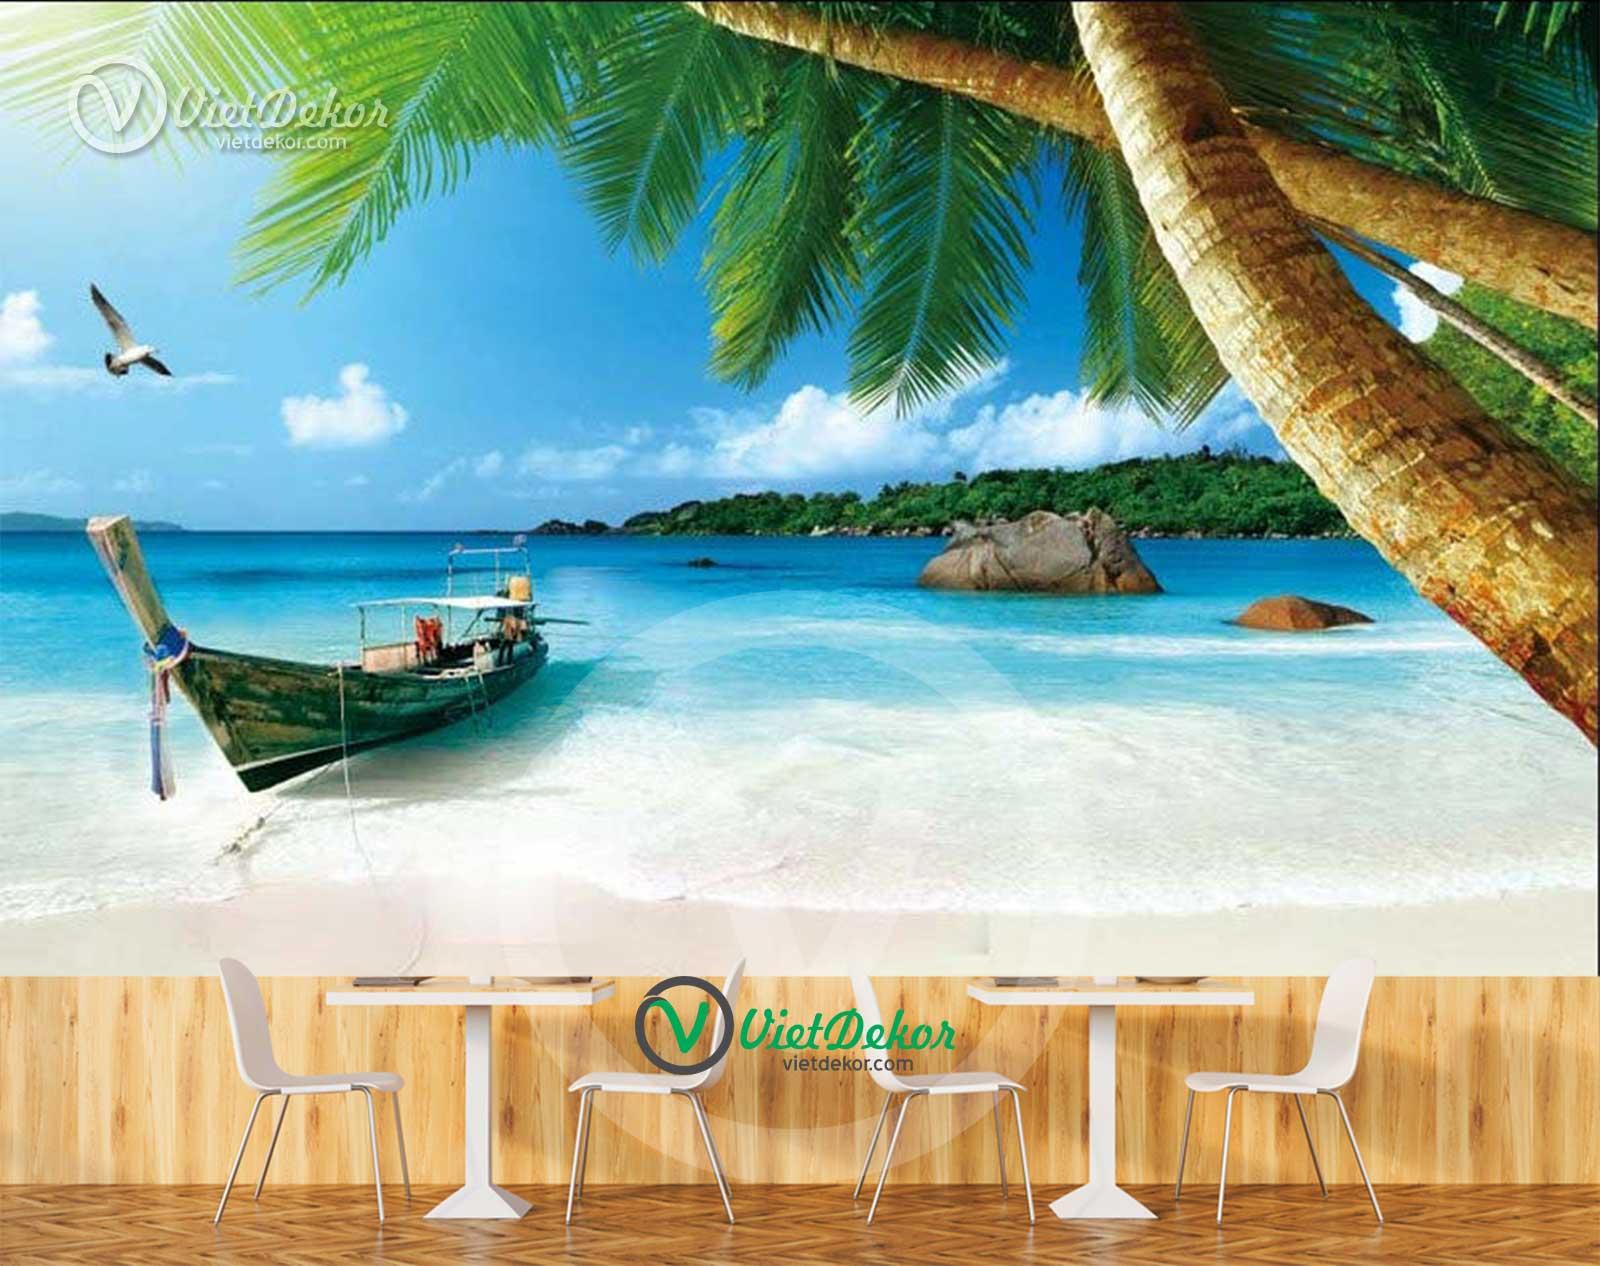 Tranh phong cảnh thuyền trên biển